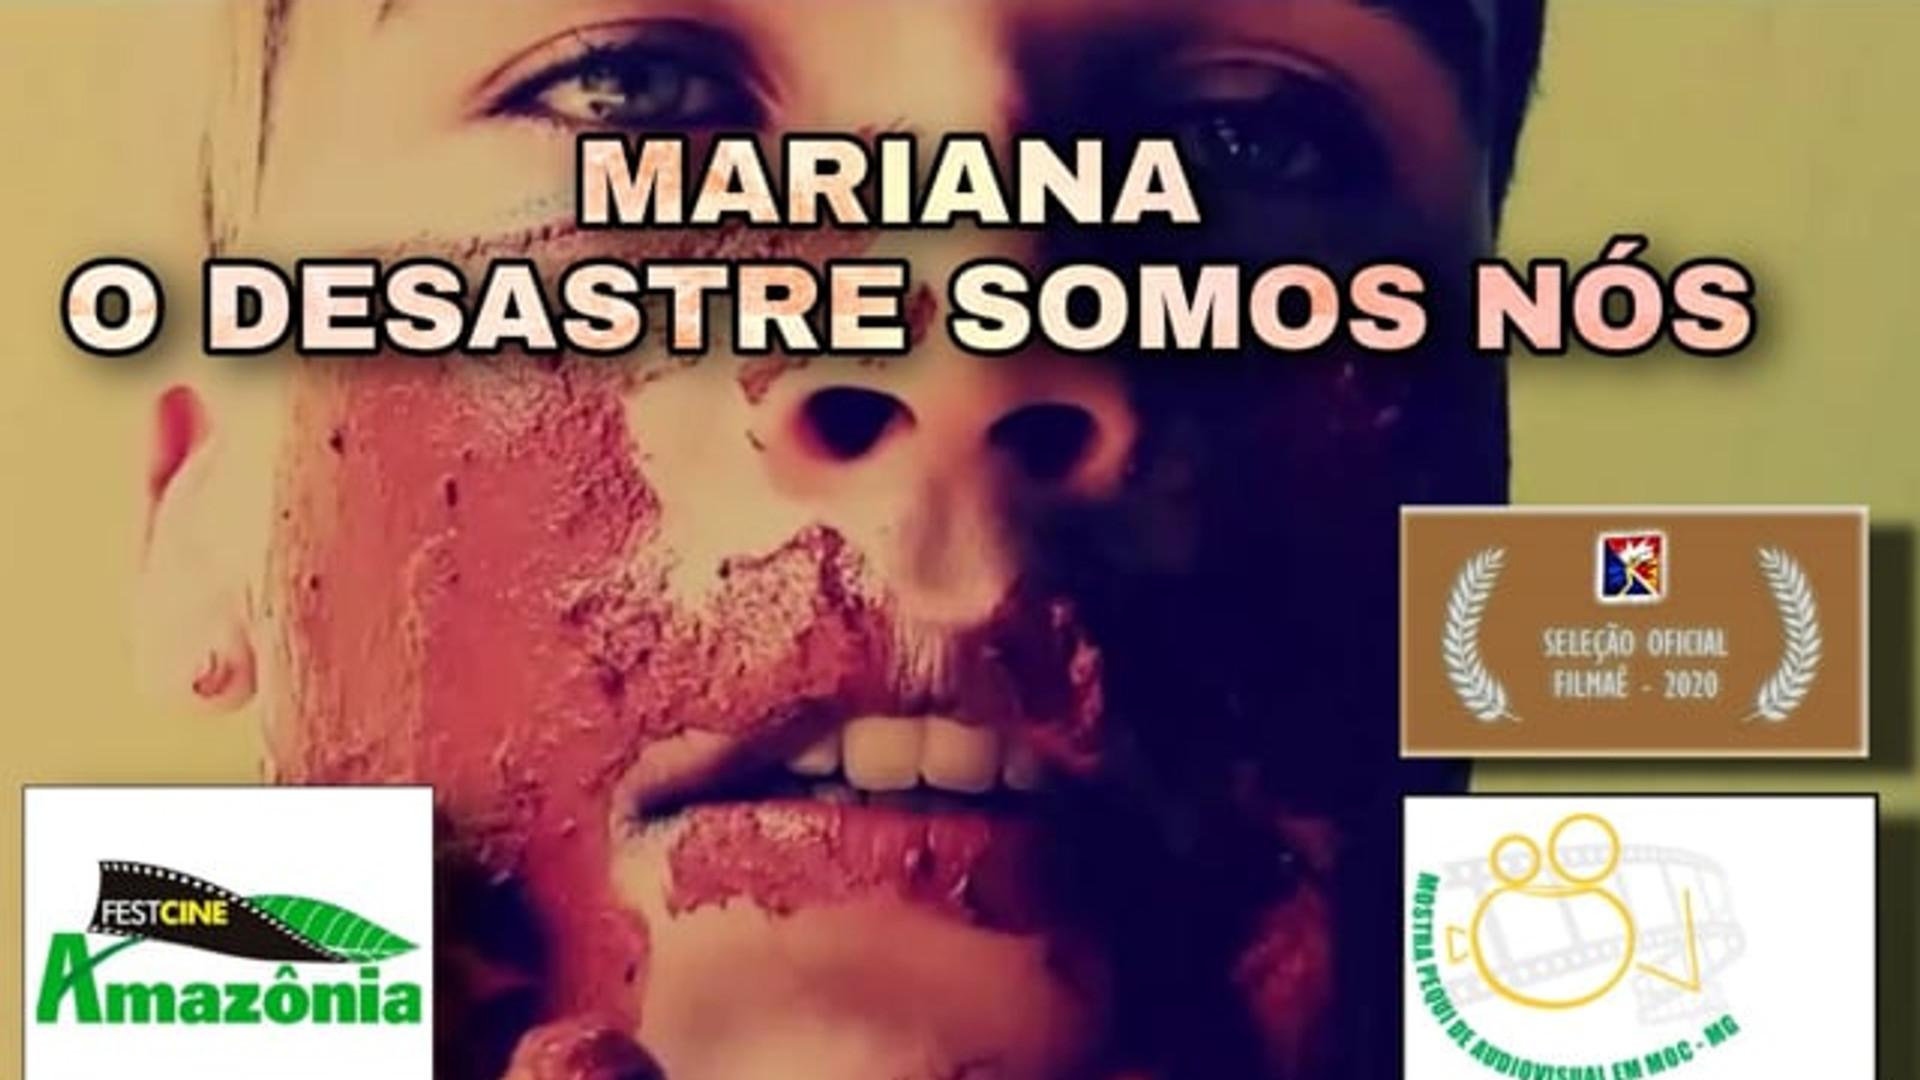 Mariana - O Desastre Somos Nós